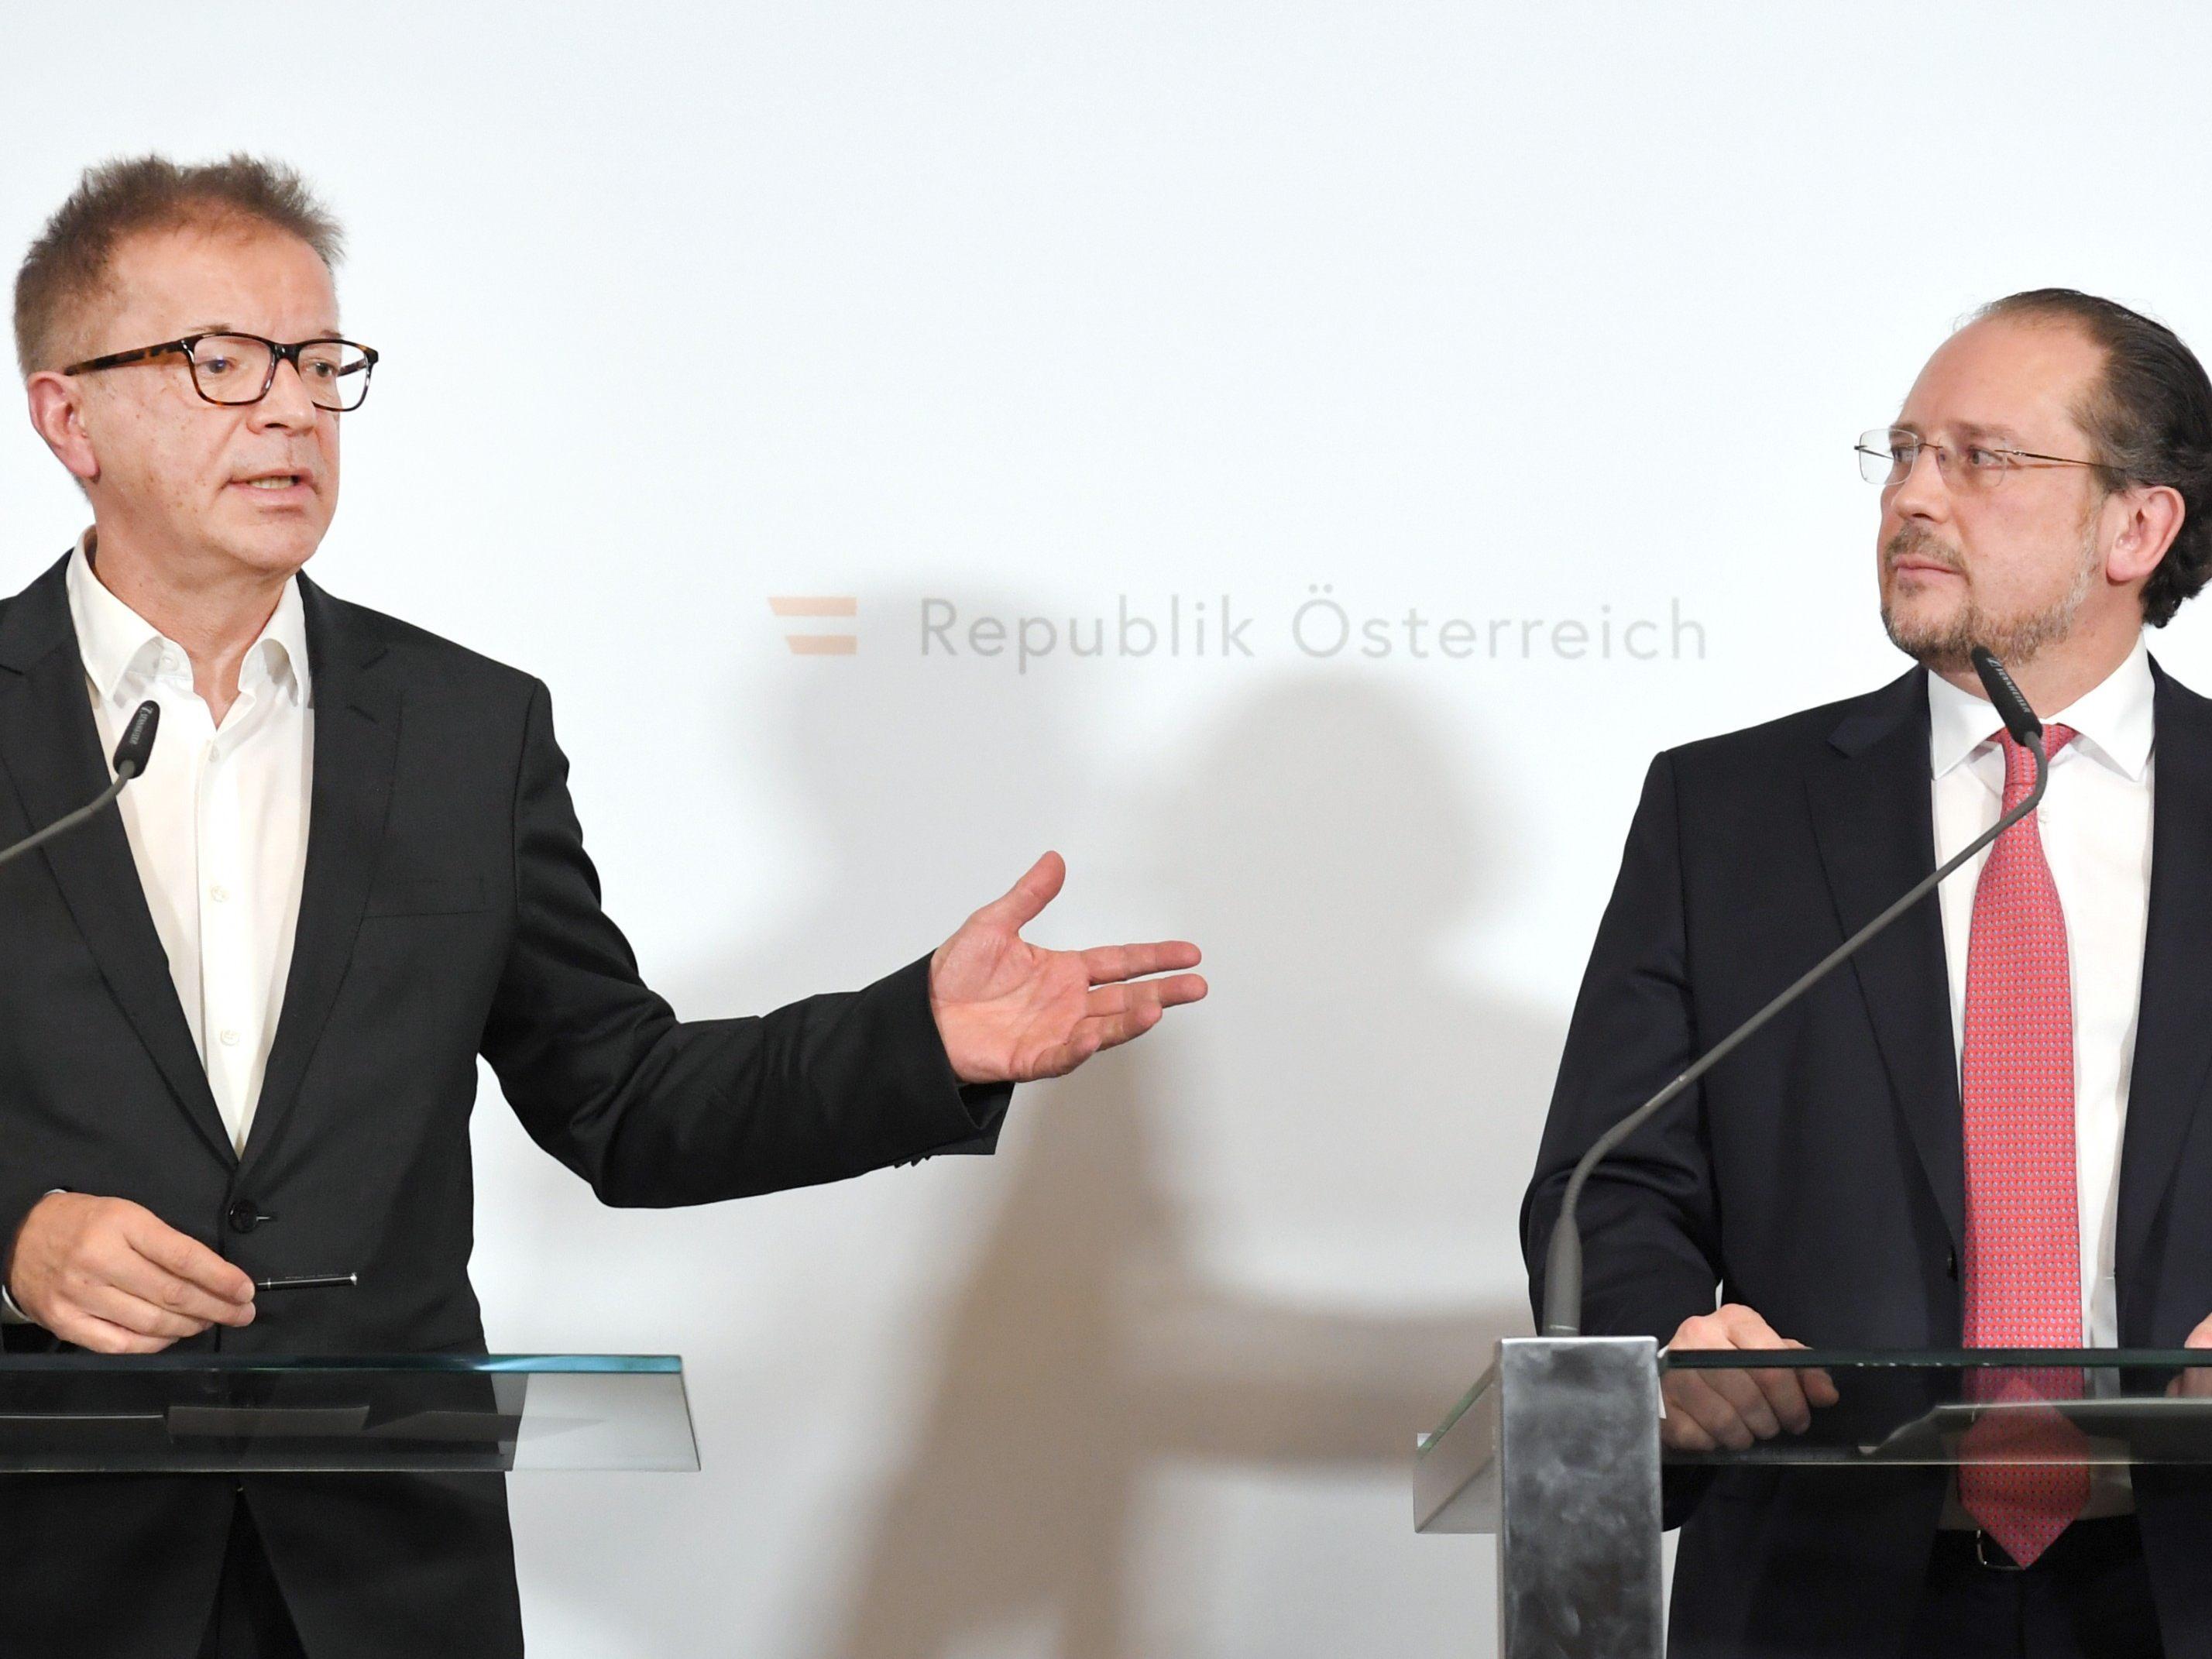 Regierung präsentiert neue Reisefreiheit für Österreich ...